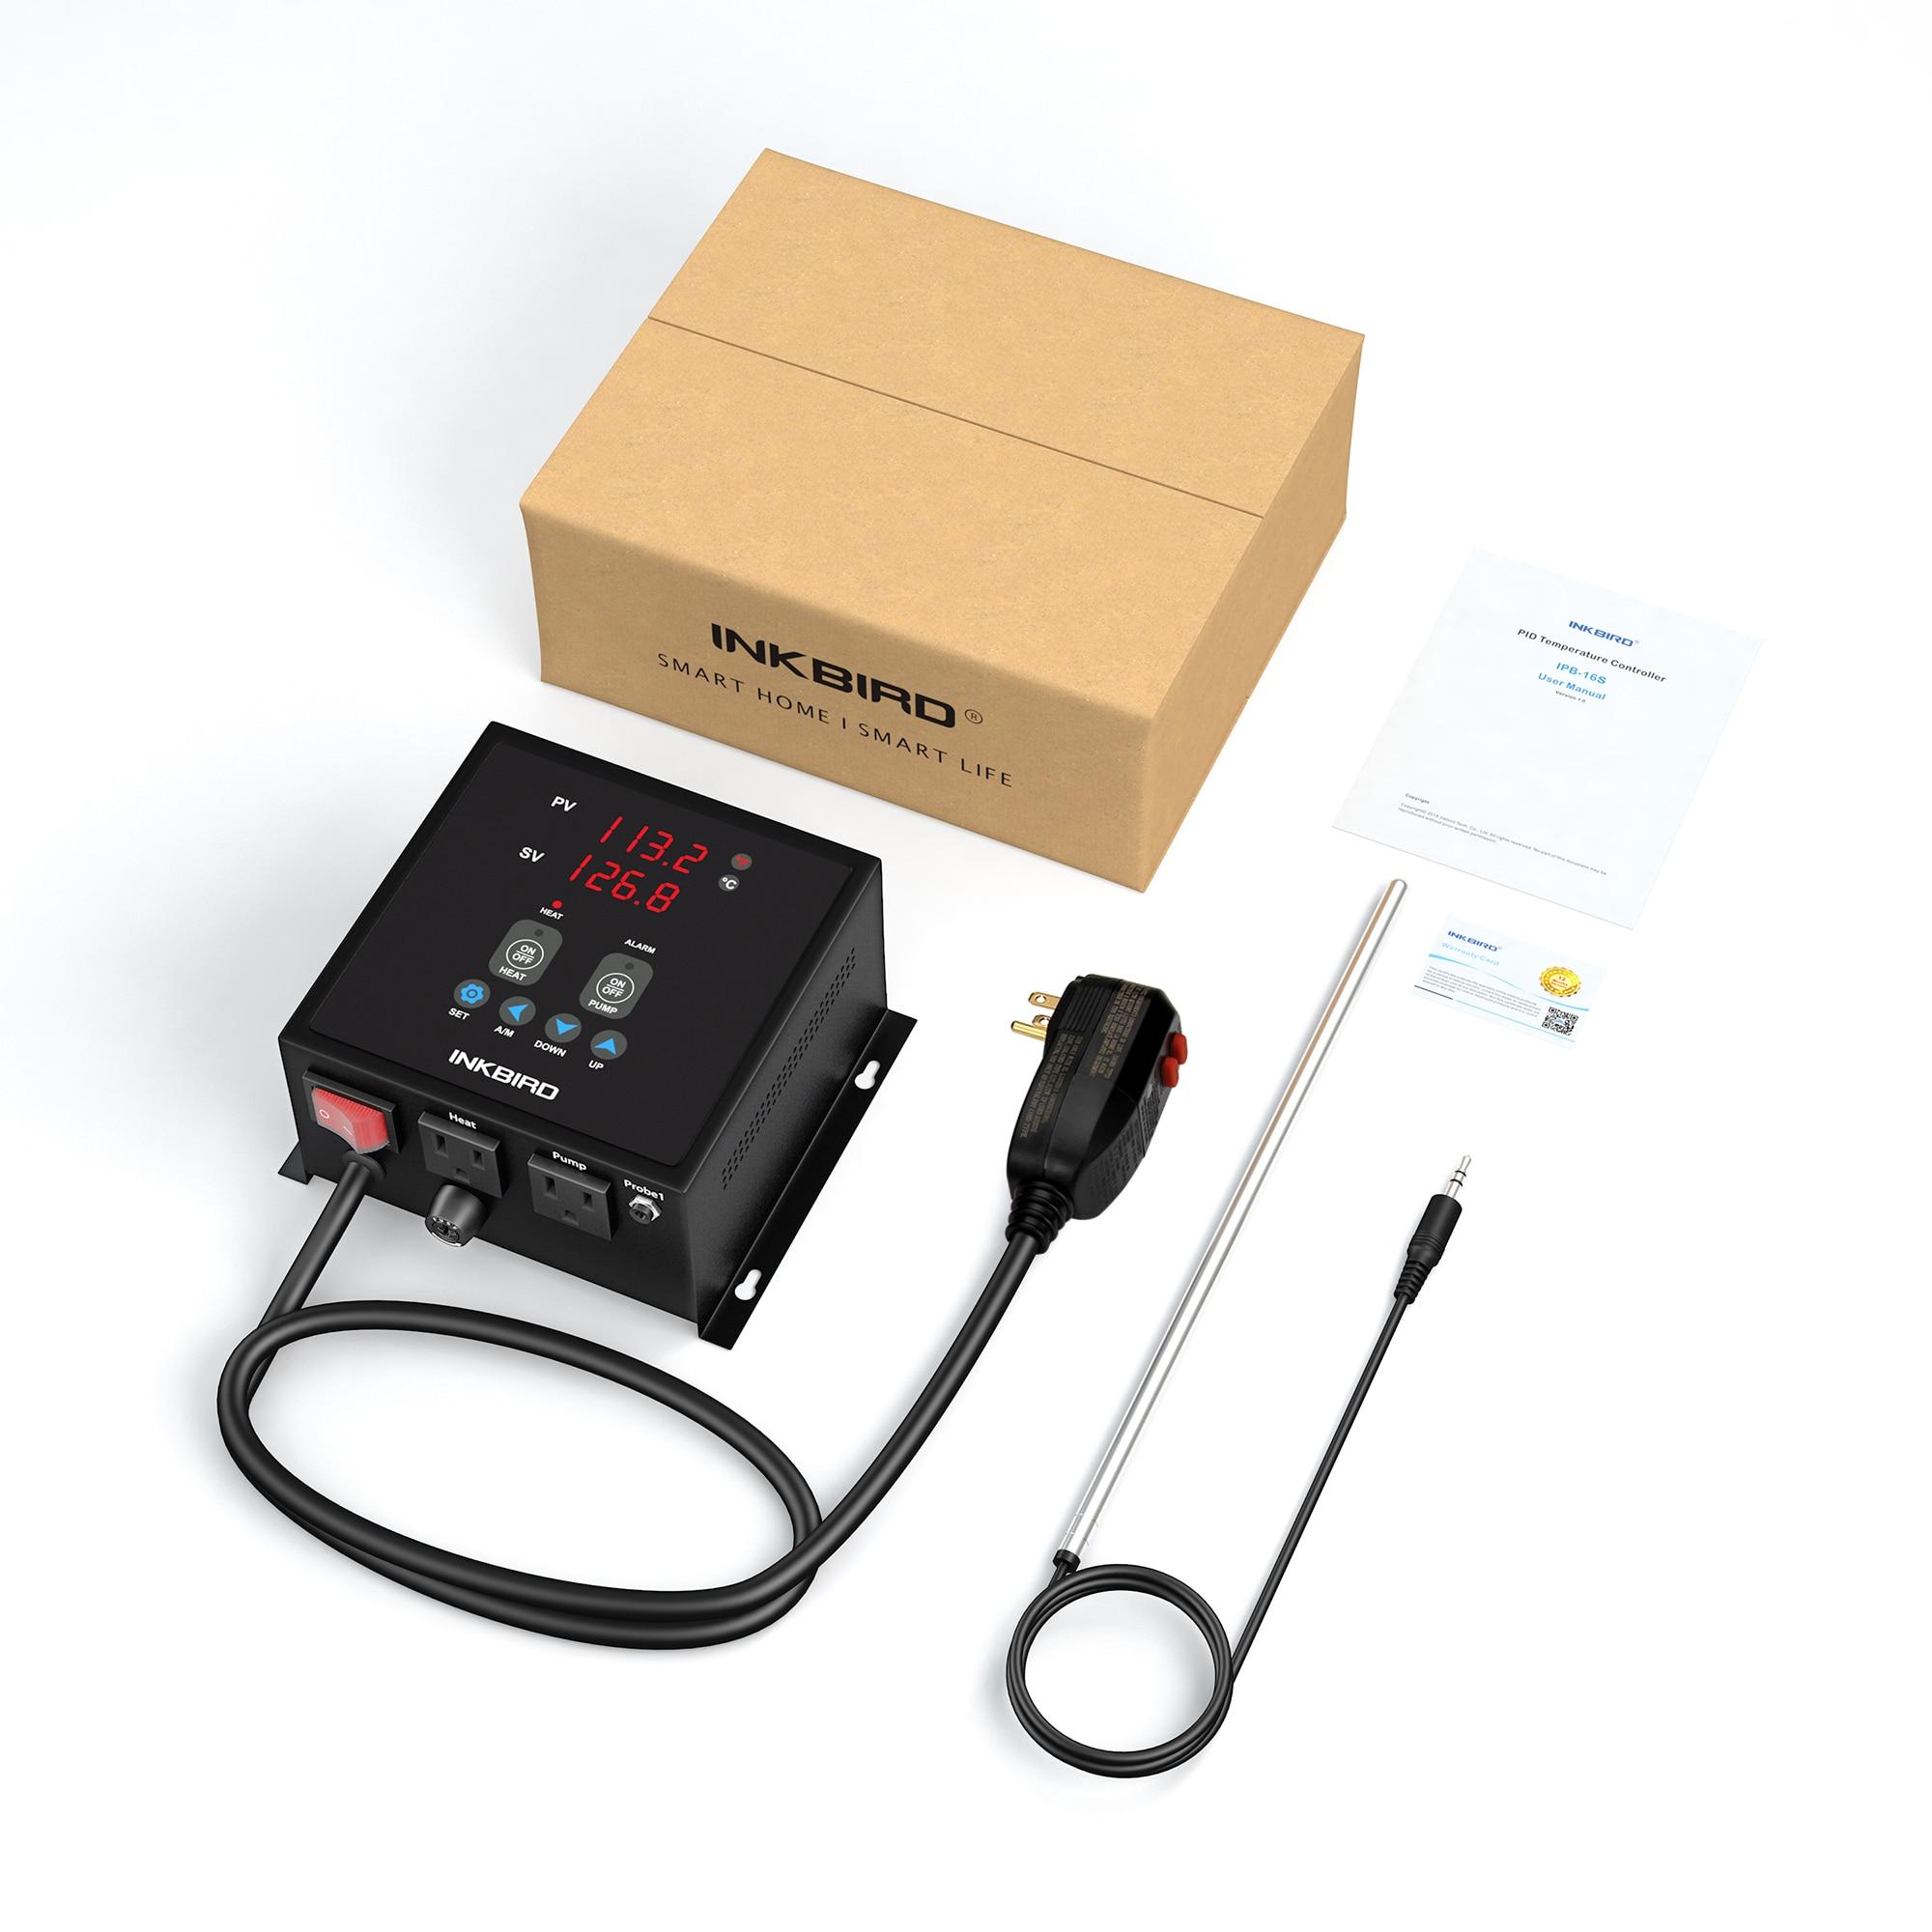 Inkbird وحدة تحكم في درجة الحرارة PID التوصيل ن اللعب IPB-16S قبل السلكية الرقمية الرئيسية تخمير وتقطير تحكم مع 2 المقابس